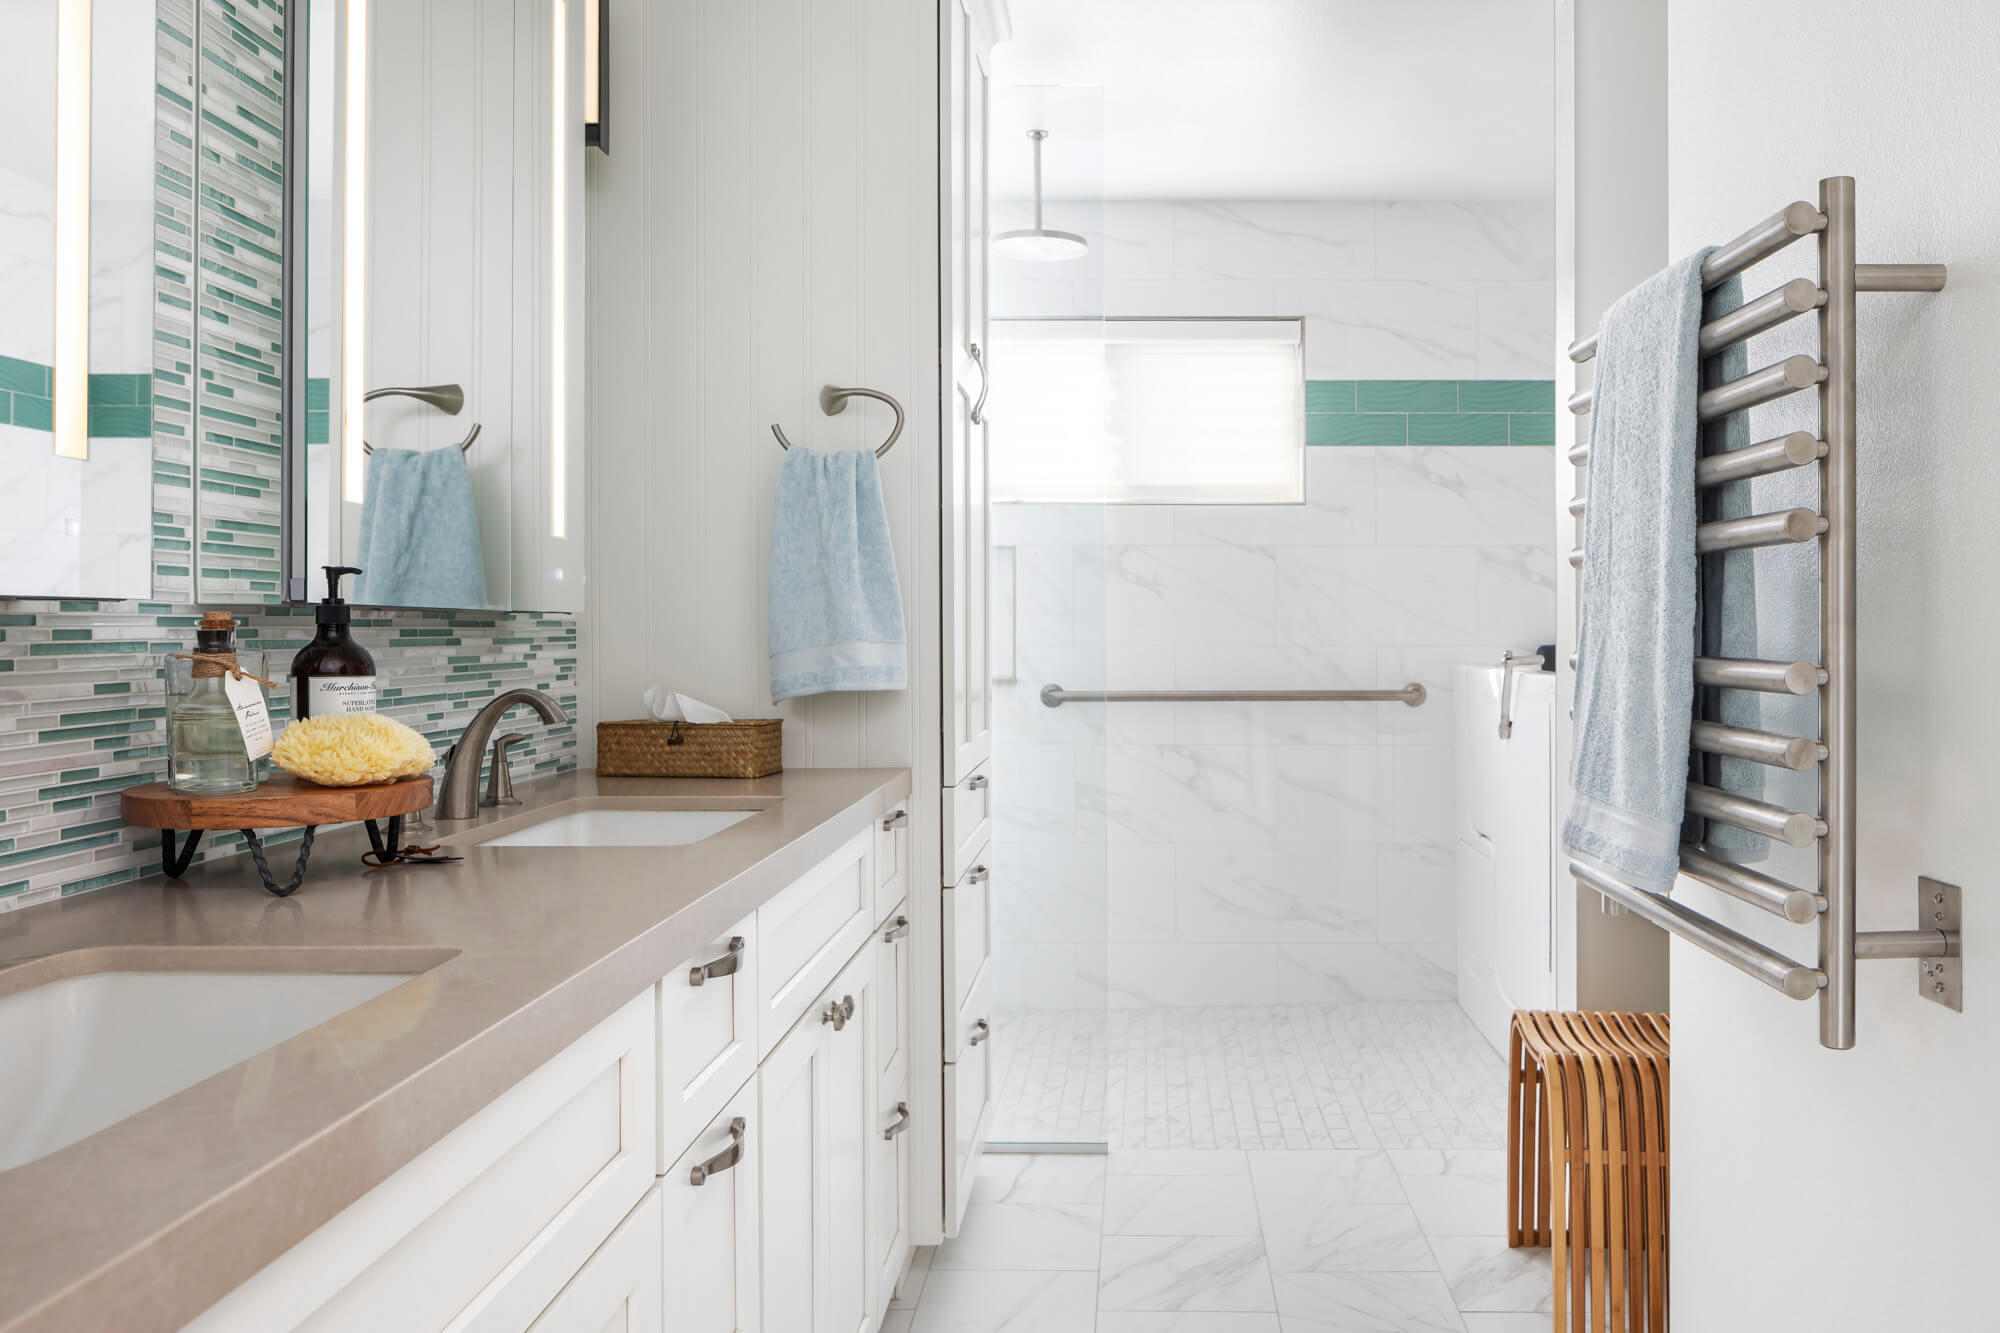 Heated-porcelain-flooring-in-bathroom-remodel